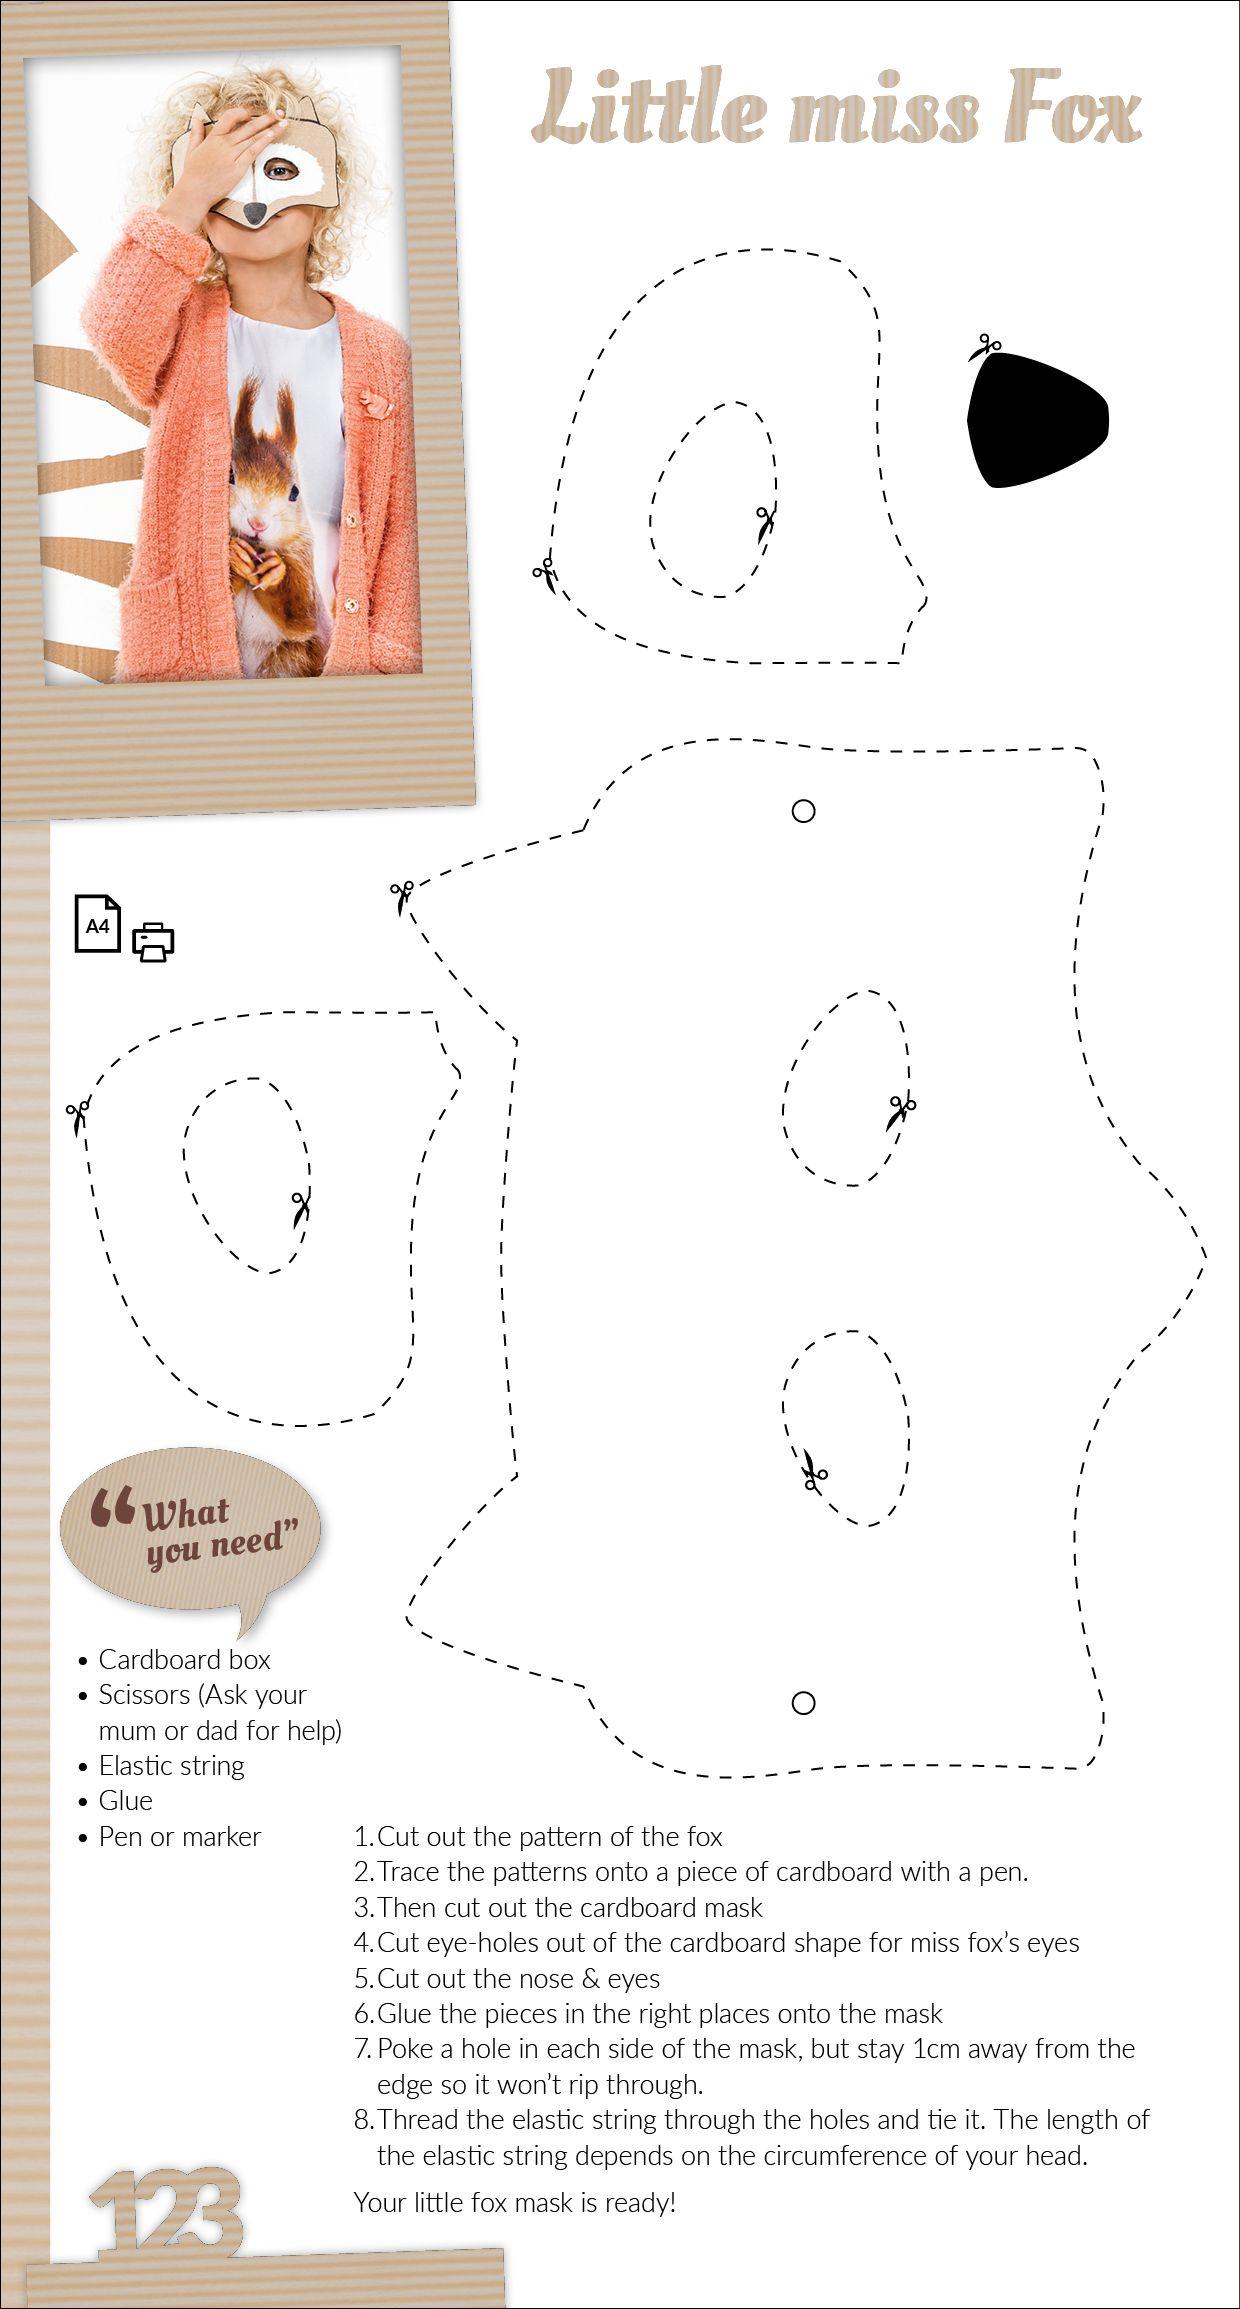 Little miss fox - cardboard mask template | DIY Crafts | Pinterest ...